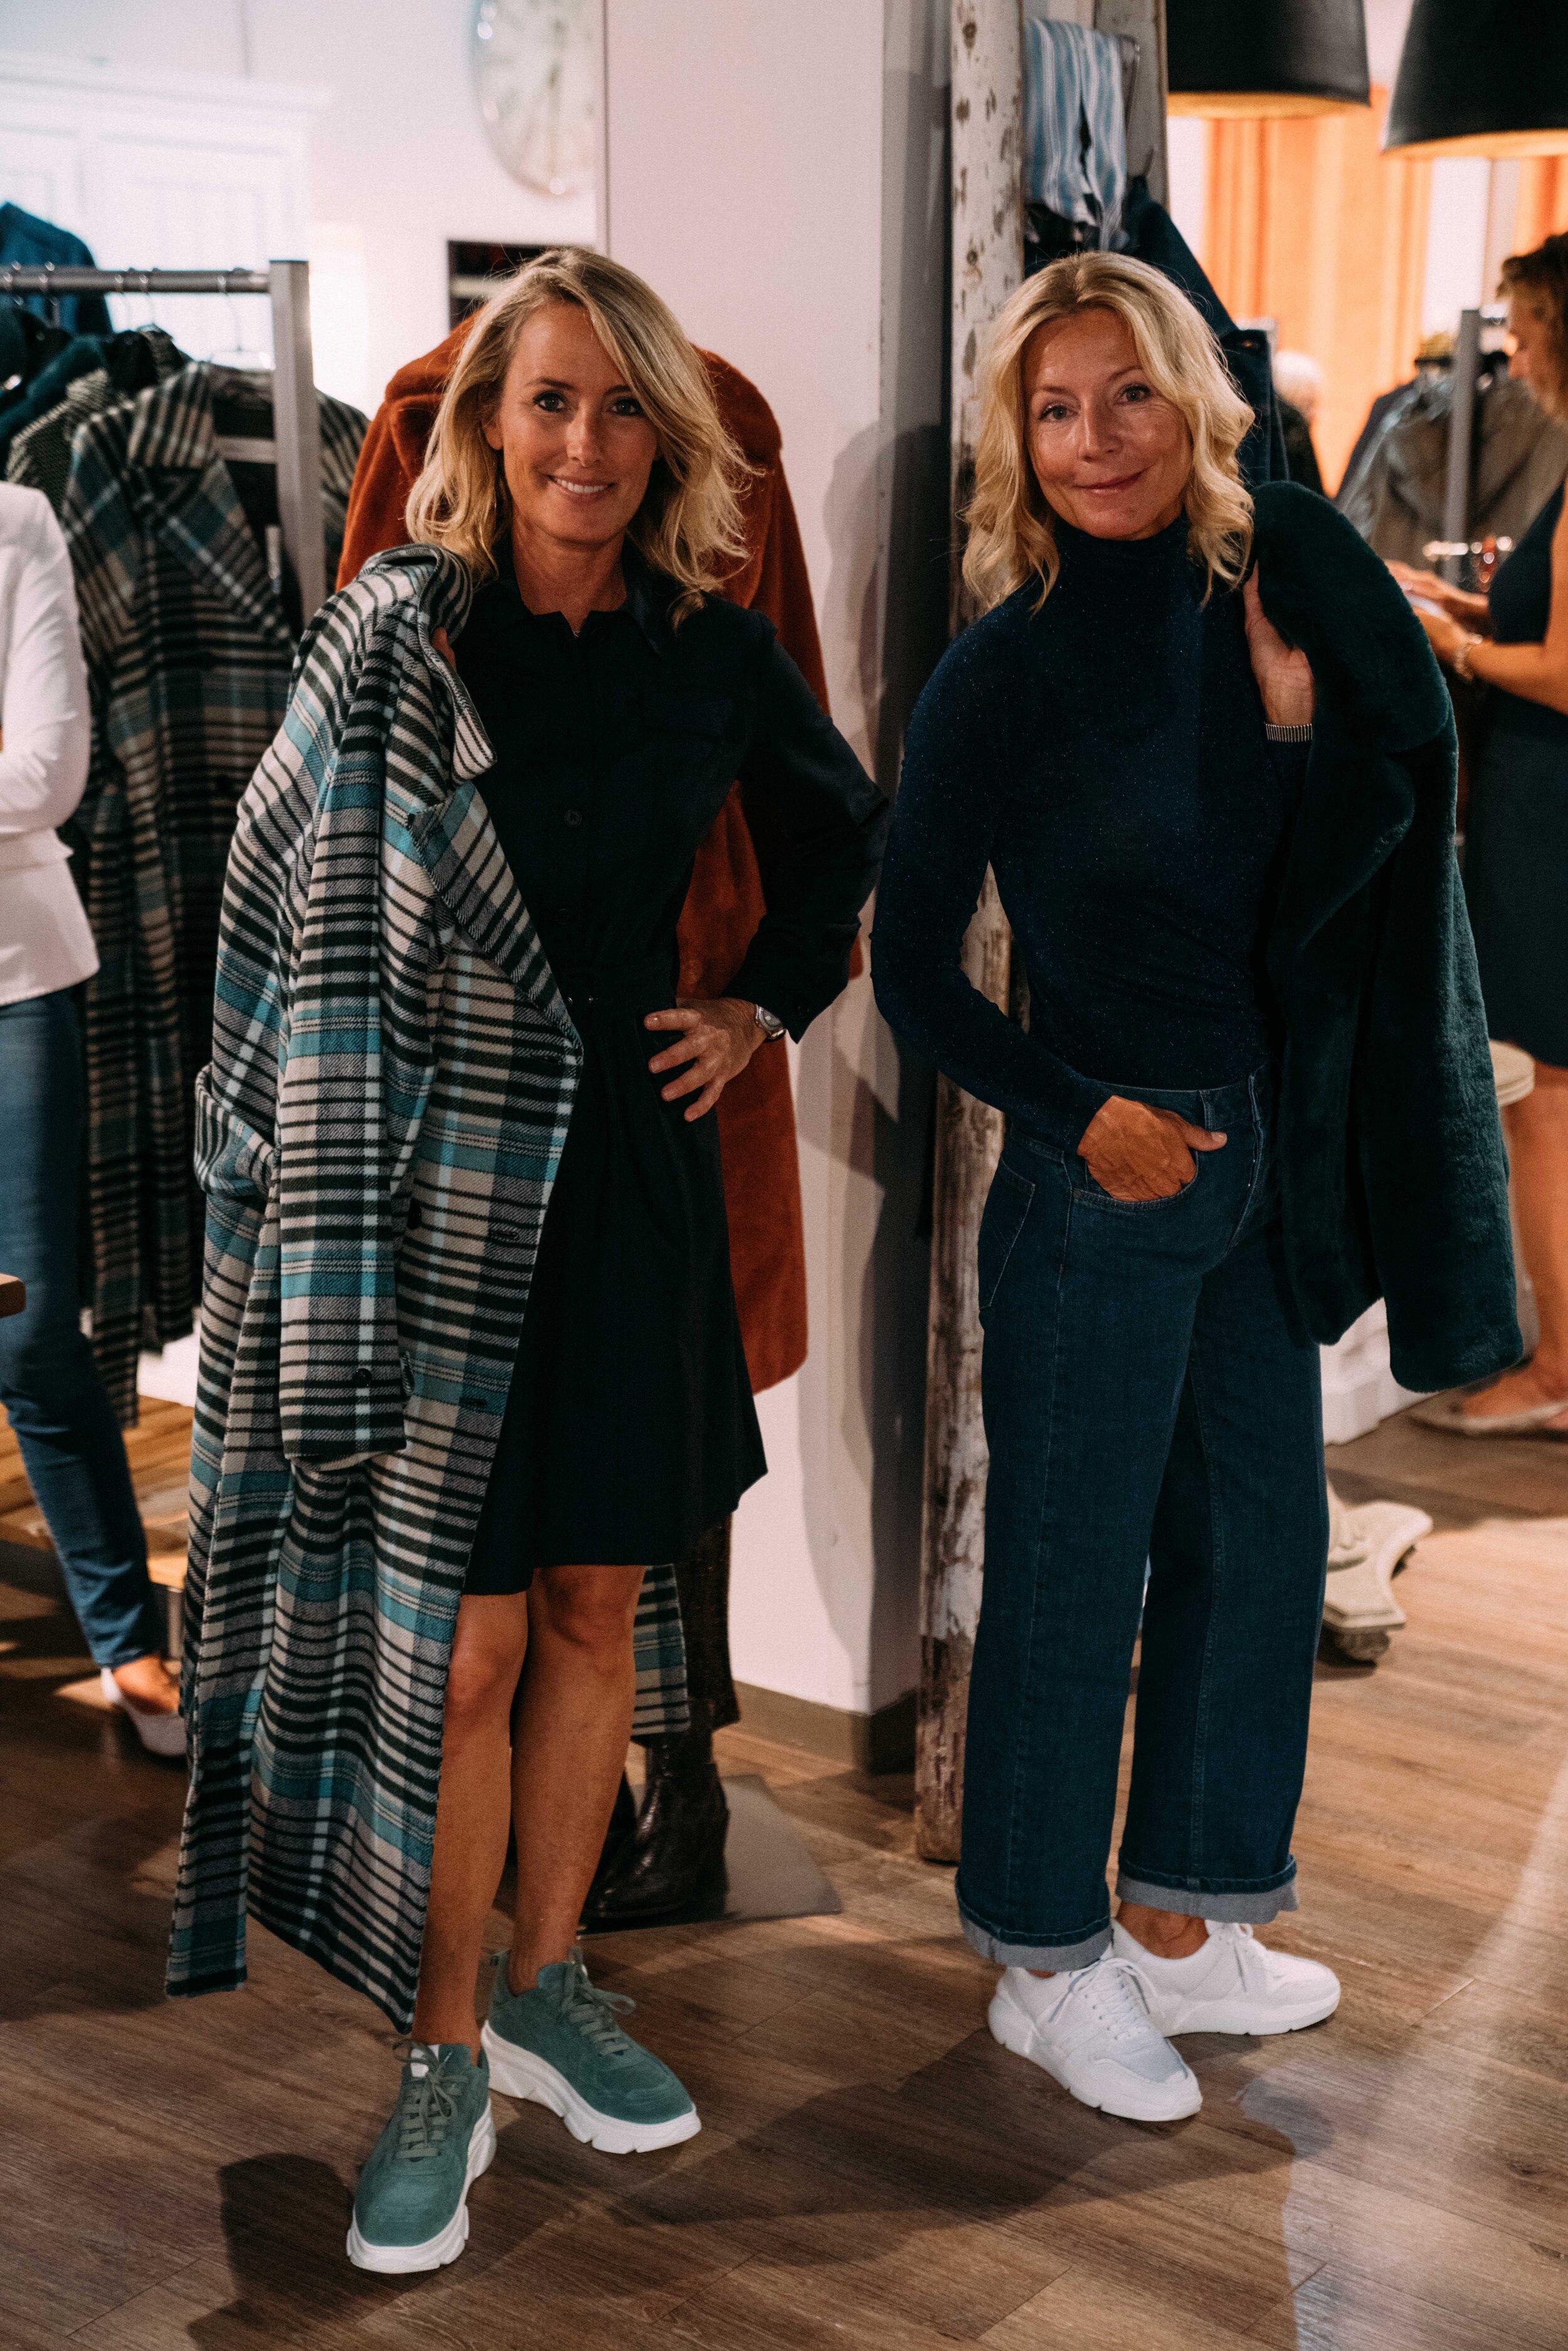 GraubnerConcept_FashionCocktail_Herbst19_37.jpg